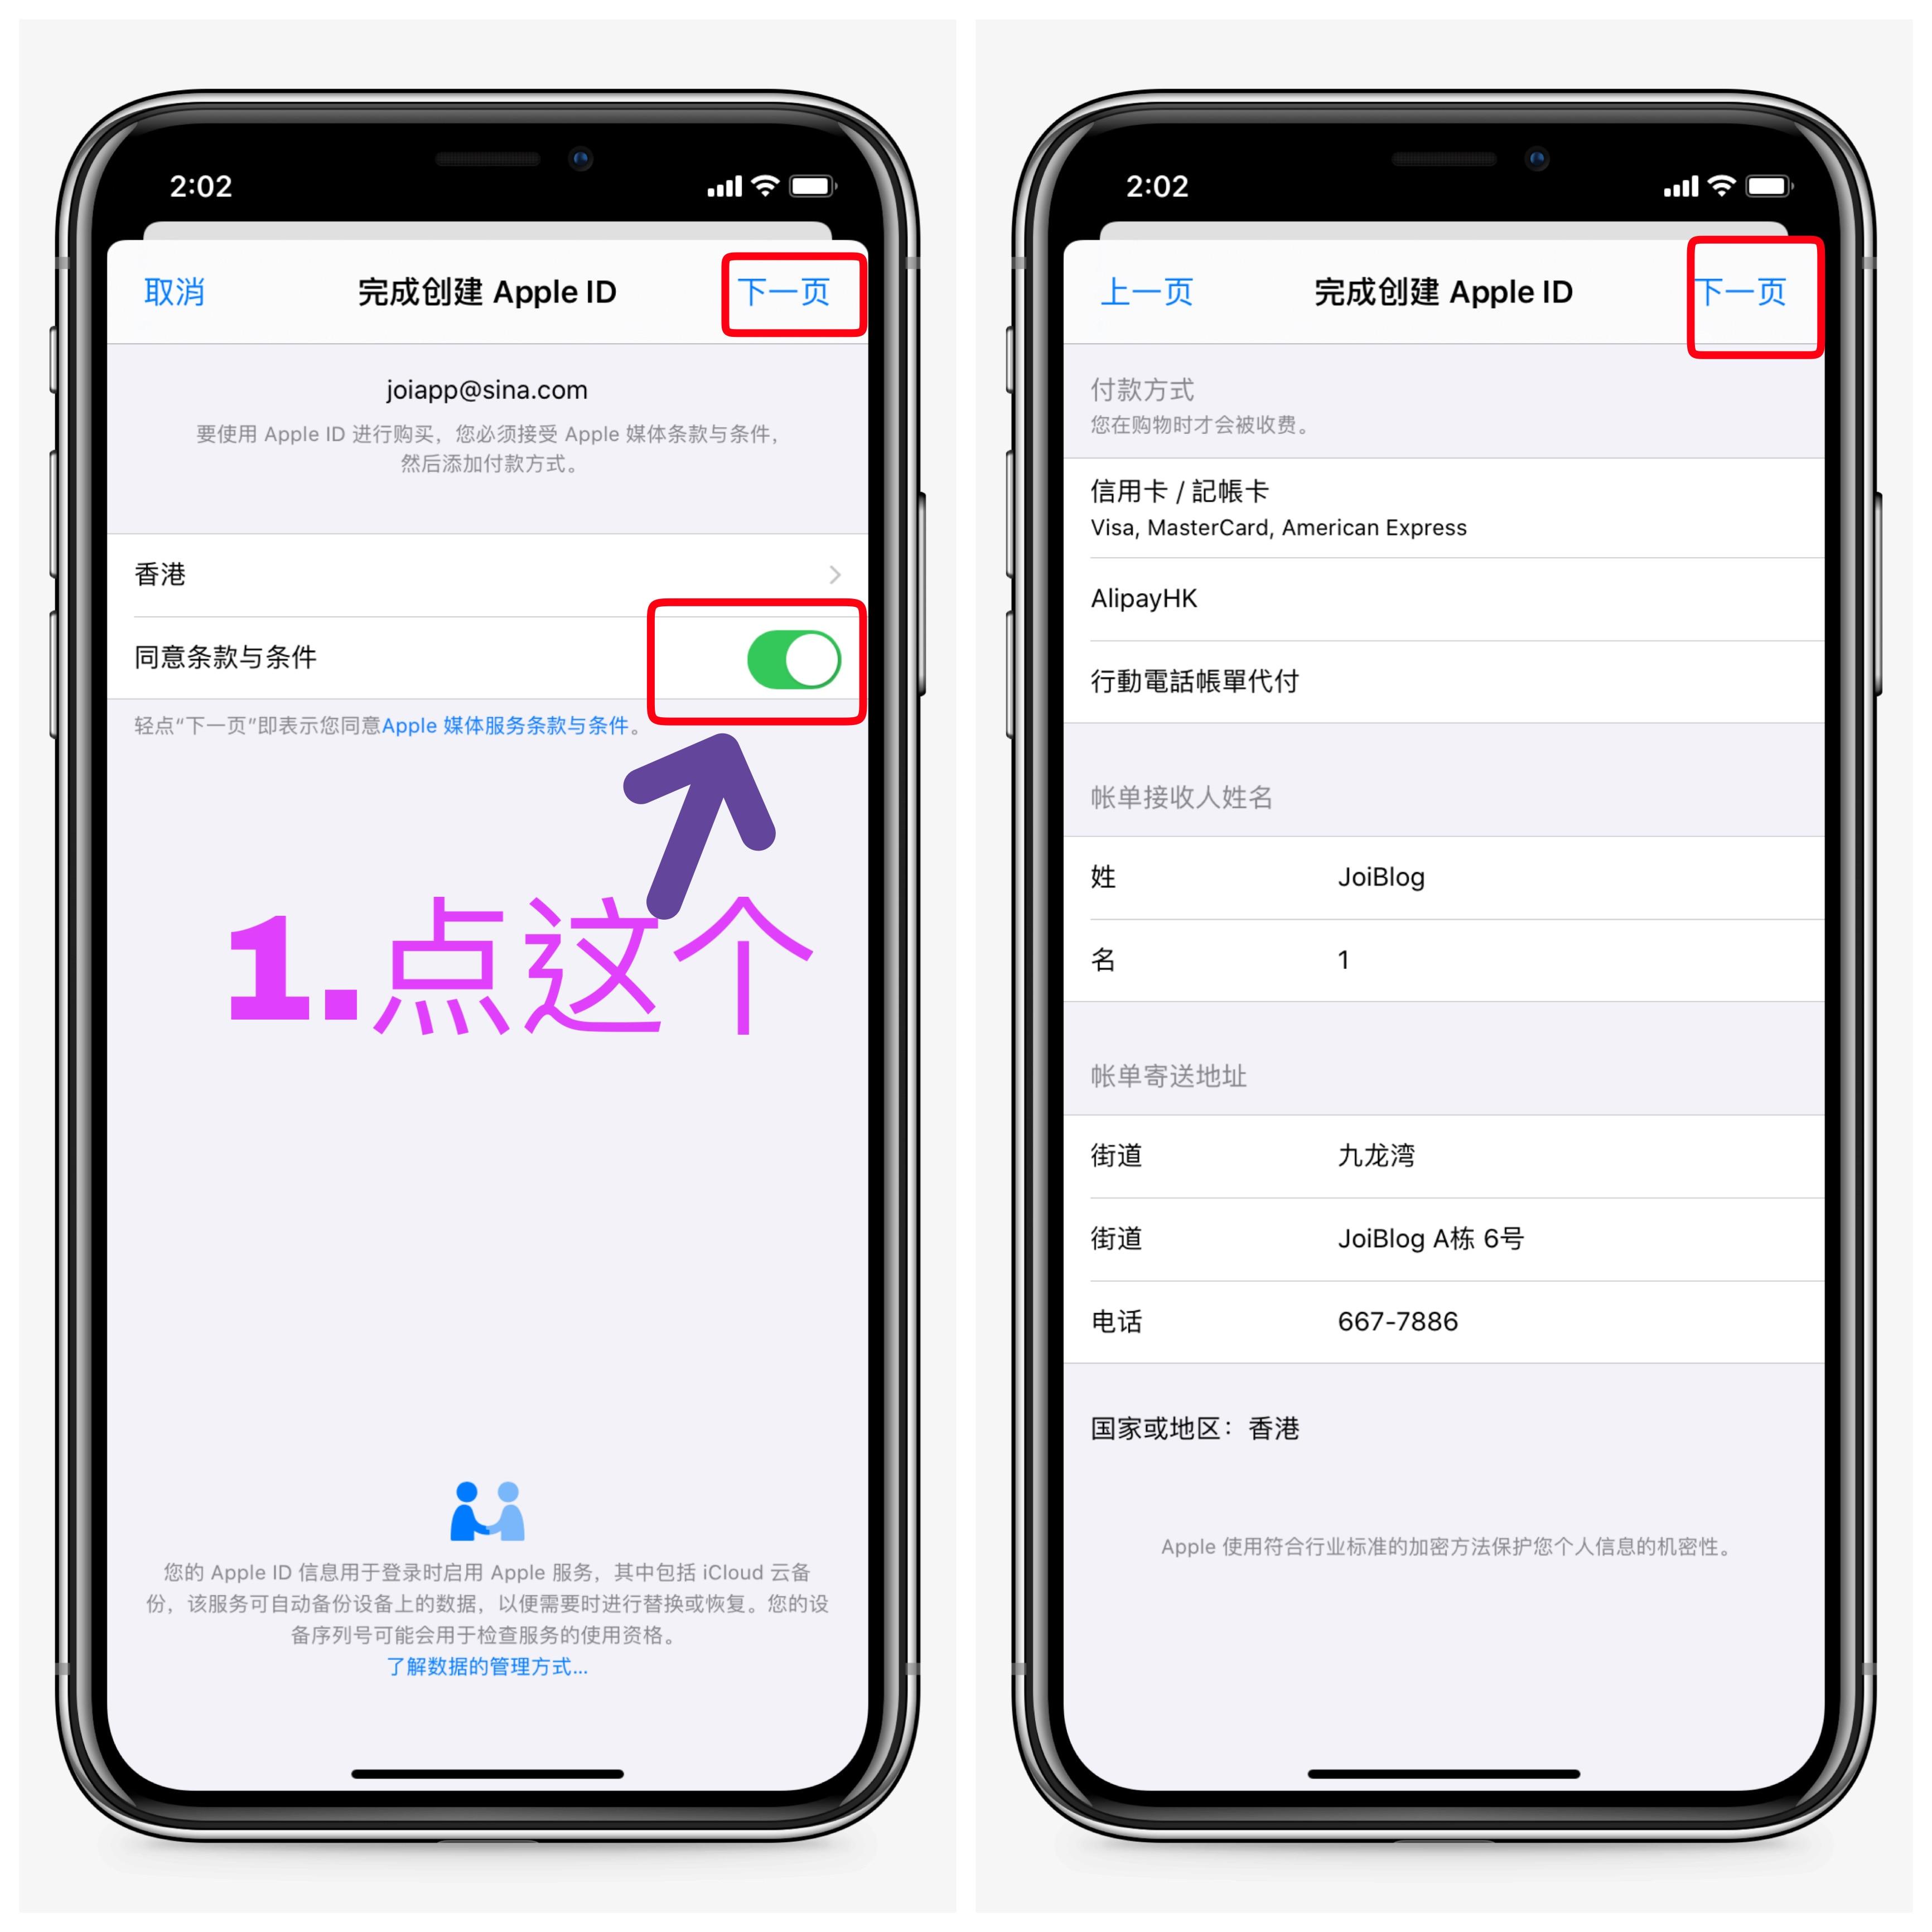 如何注册外区Apple iD-注册苹果美区id教程_Joi博客文章